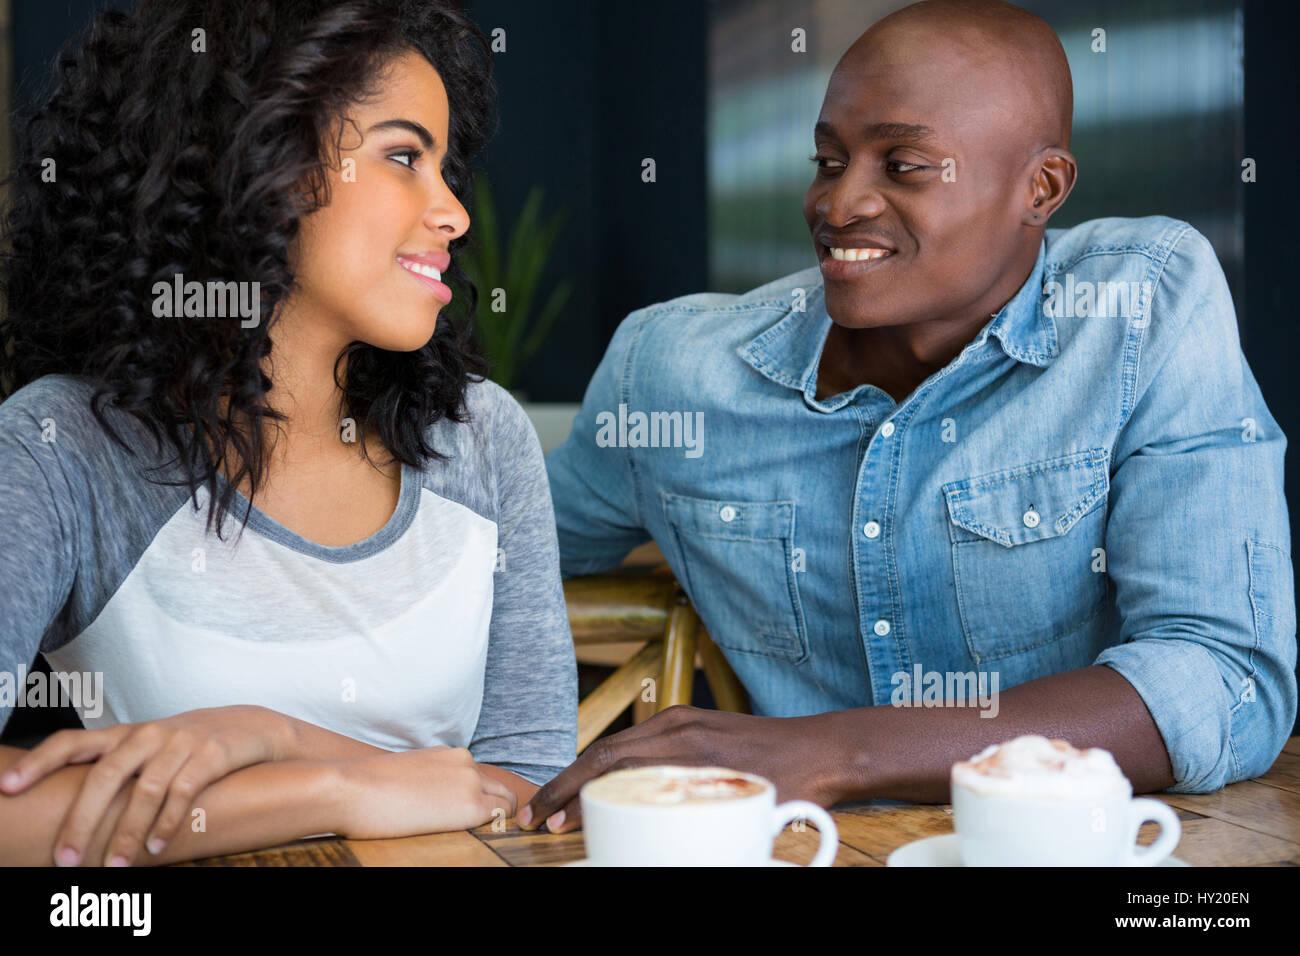 Amorevole coppia giovane guardando ogni altro a tavola in coffee shop Immagini Stock